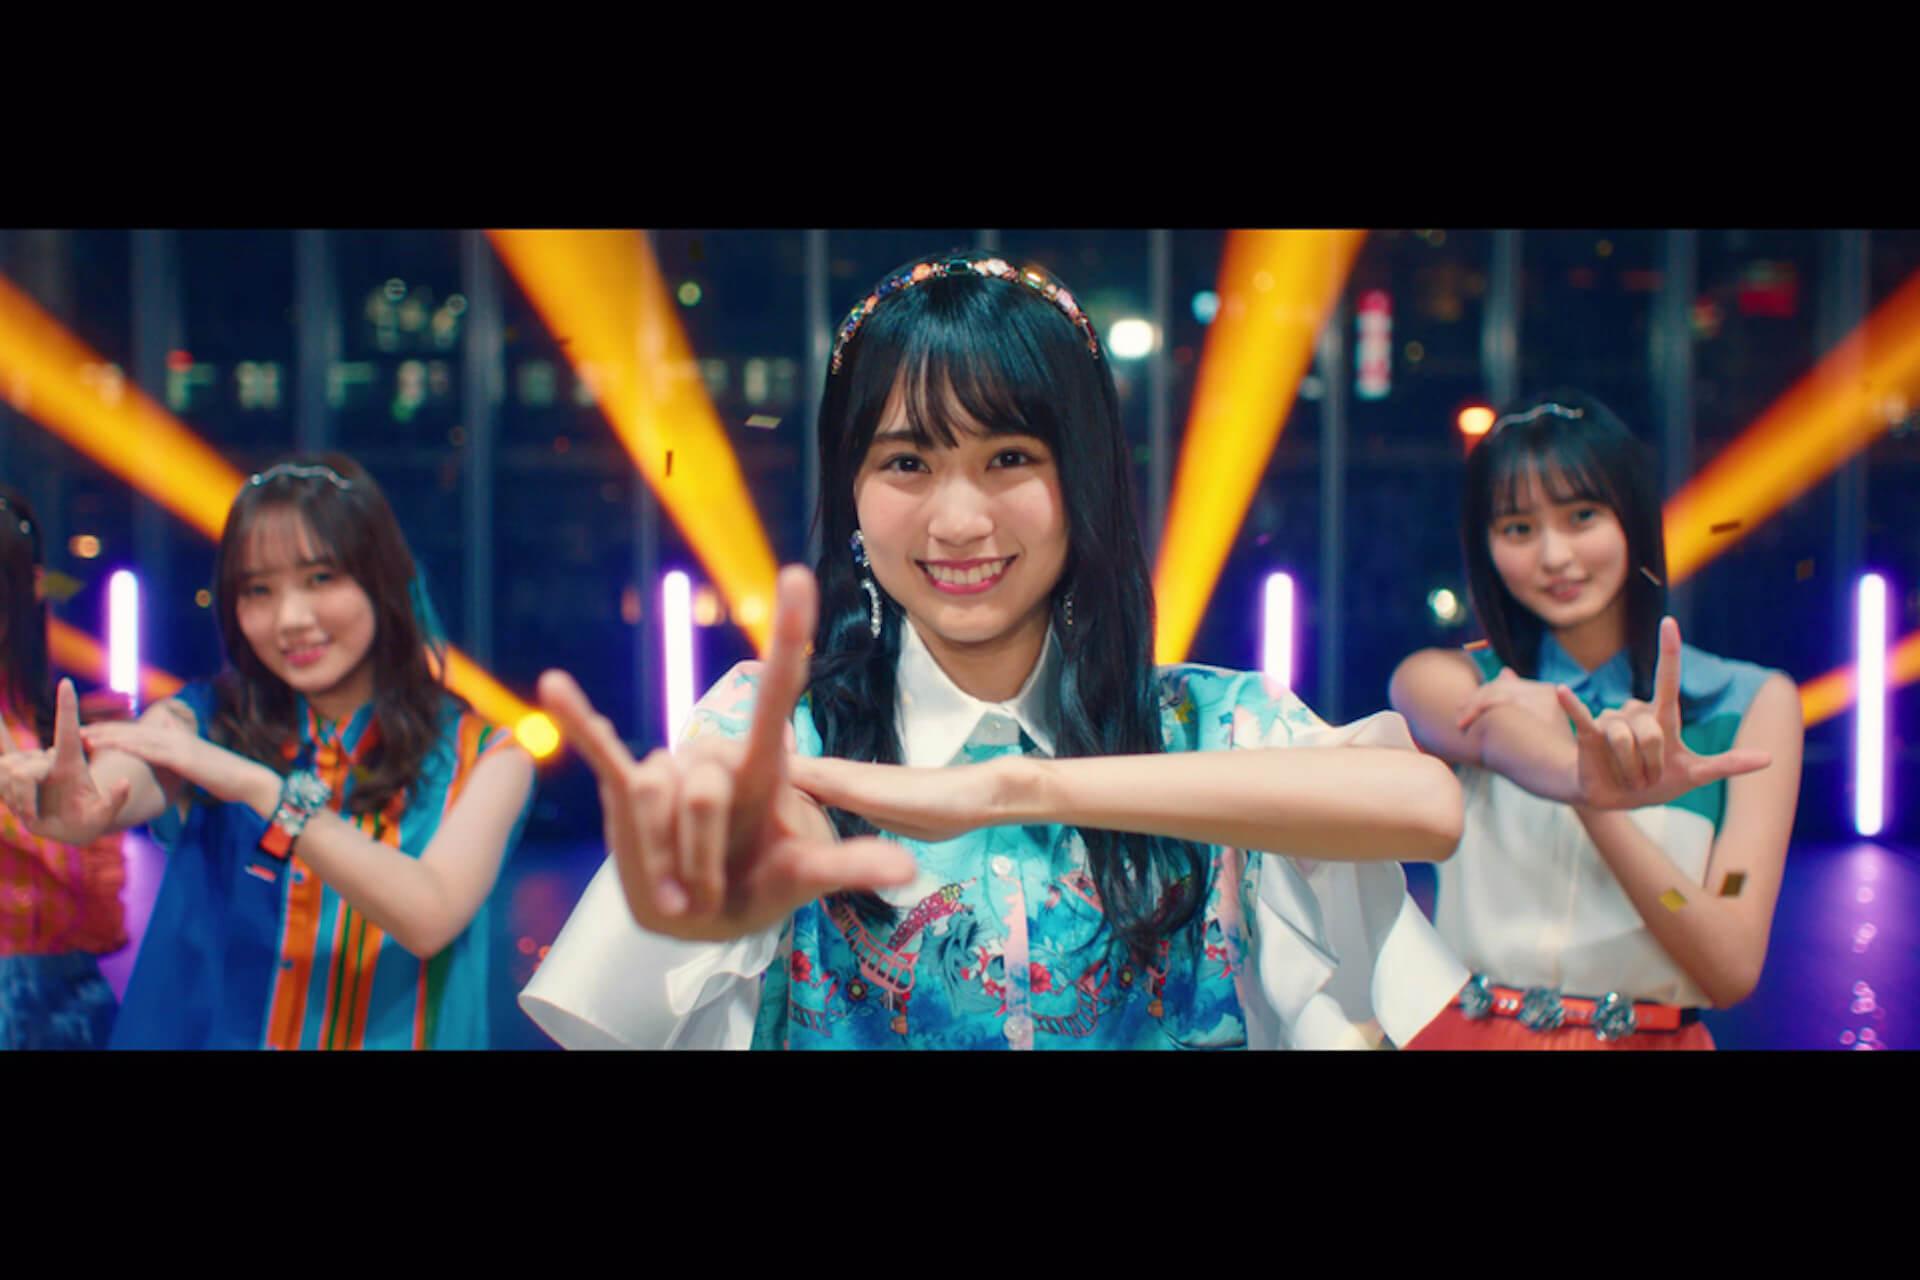 乃木坂46の新曲 I See のミュージックビデオがついに解禁 初の